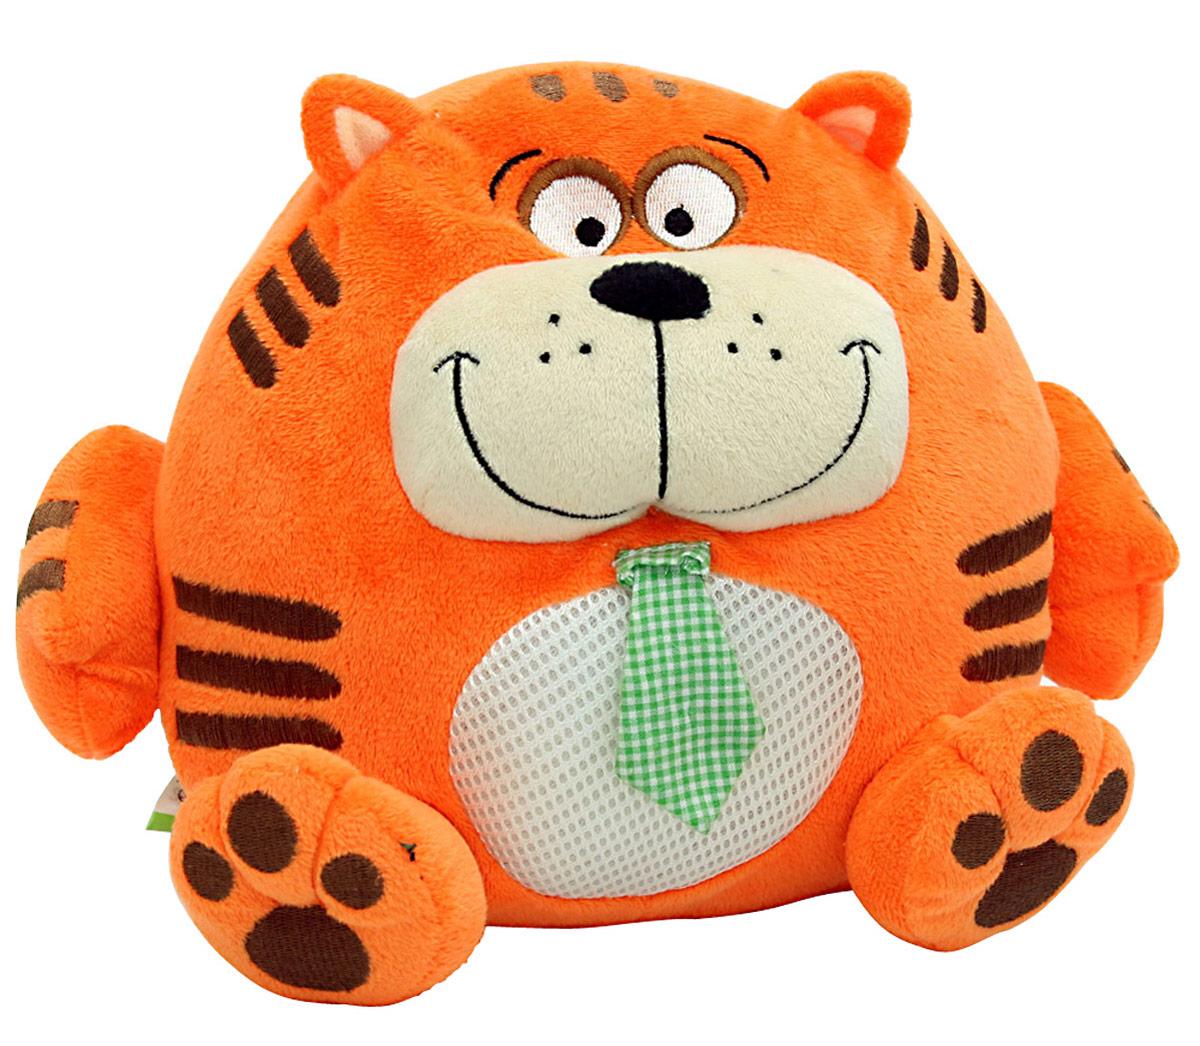 LAPA House Мягкая игрушка Кот24447Забавный и очень веселый зверек привлечет внимание ребенка и станет ему добрым другом. Он так весело хохочет и трясется, что невозможно остаться равнодушным и не рассмеяться вместе с ним! Популярные, любимые образы - кот, собака, медведь и енот, - понравятся и малышам, и их родителям. Описание: -кнопка включения на левой лапе игрушки - двигается с вибрацией - звуковые эффекты(хохочет) - отключение через 15 сек, после нажатия кнопки - работает от 3хАА батареек (в комплект не входят)